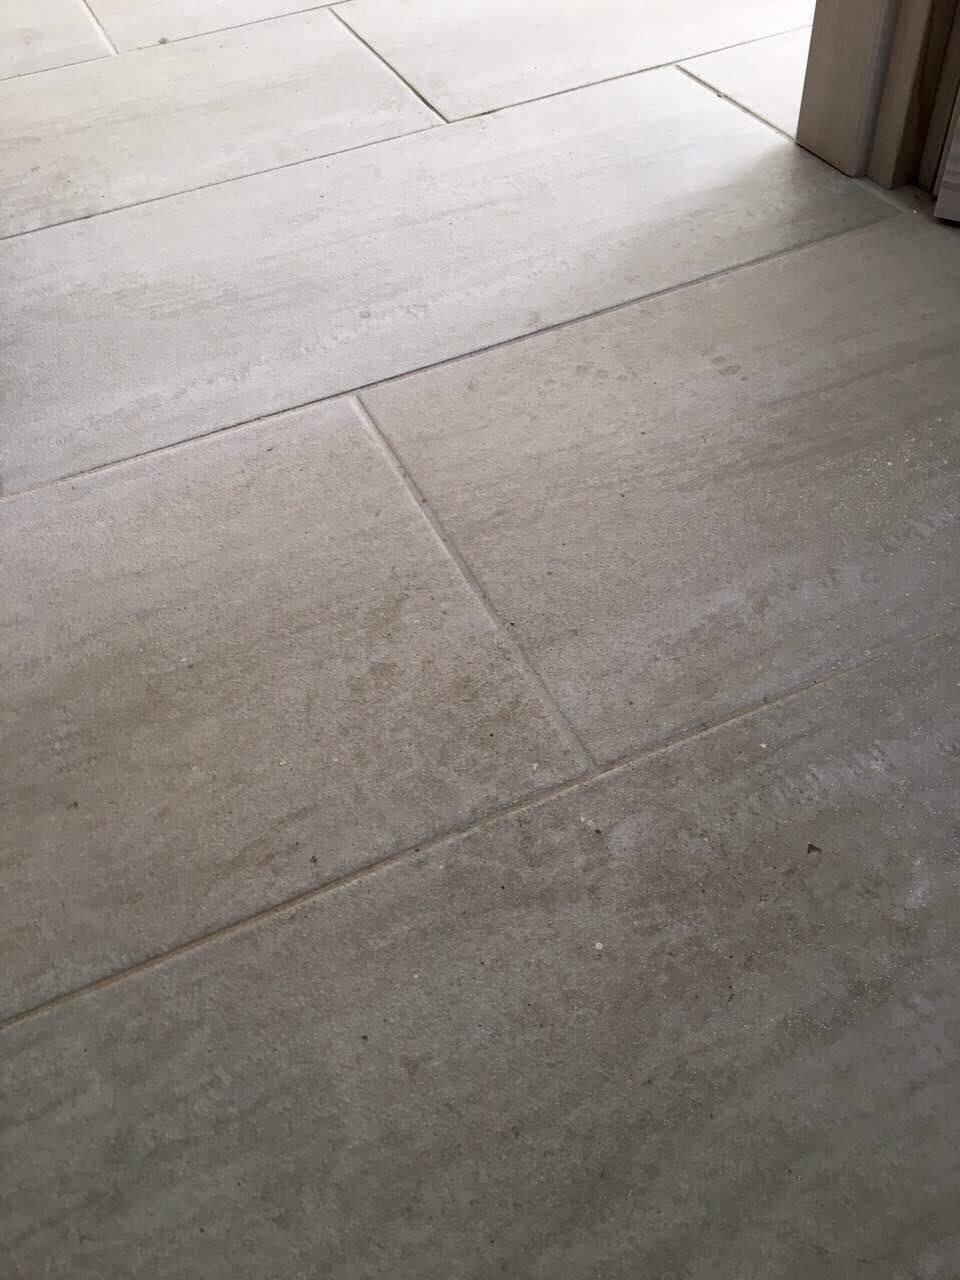 pavimento-monza-lavaggio